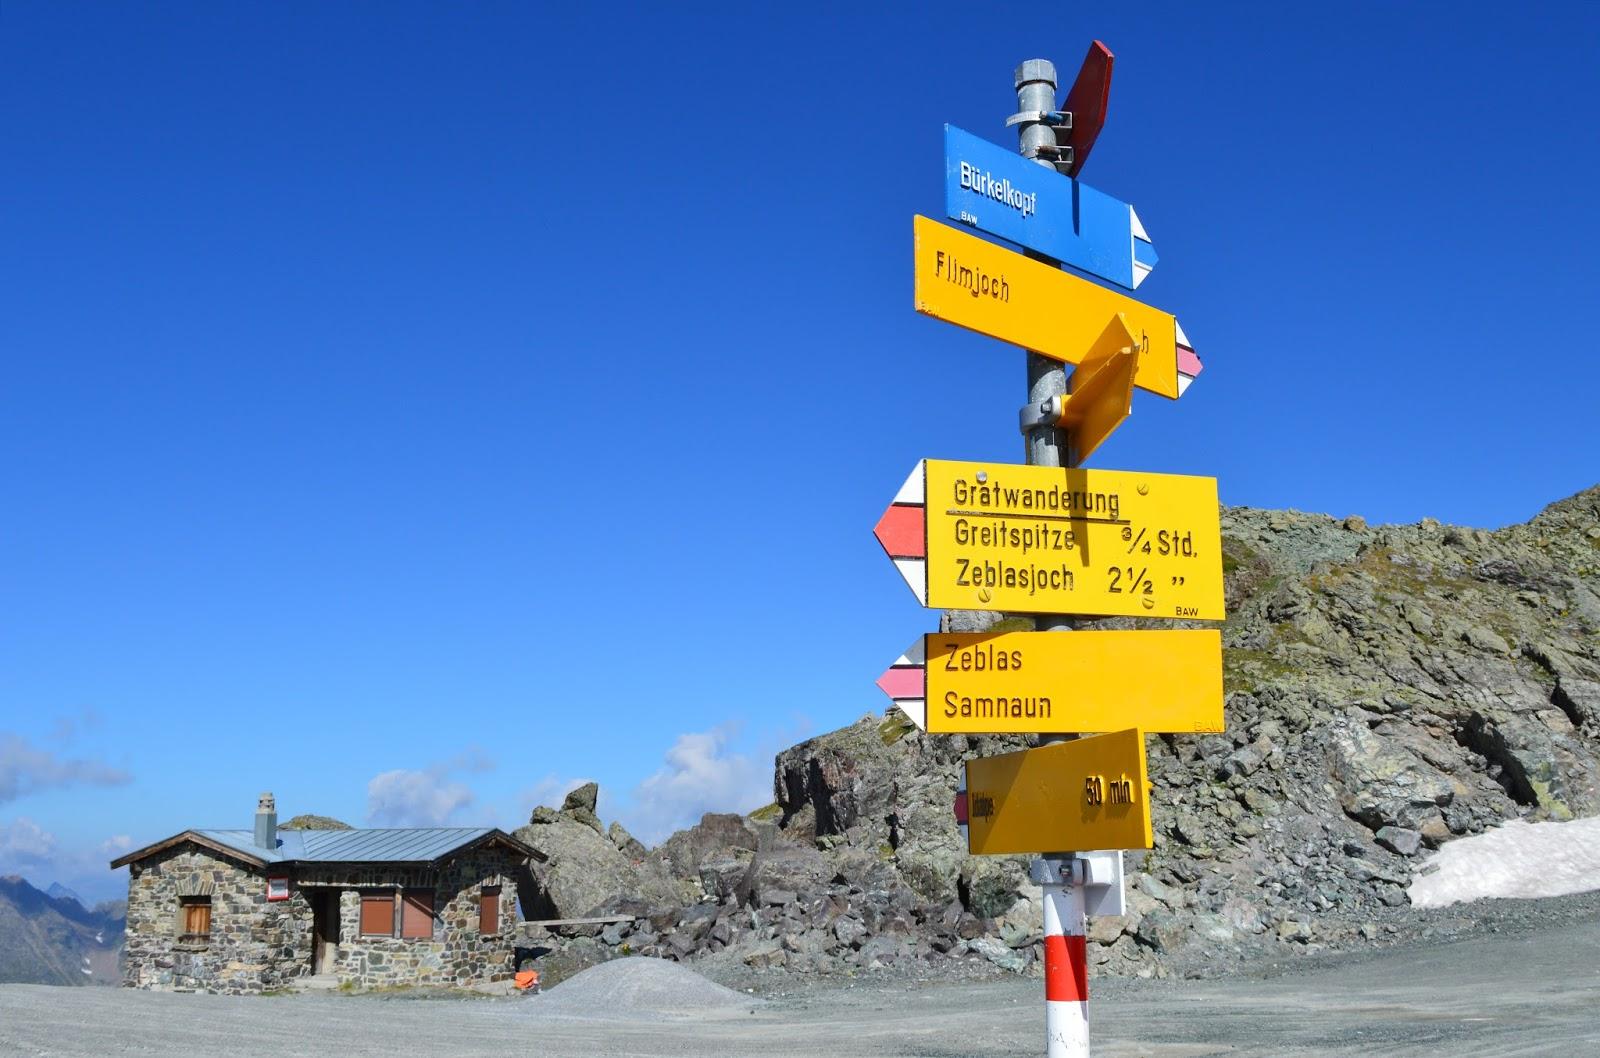 Szlakowskaz Czasy przejść Alpy